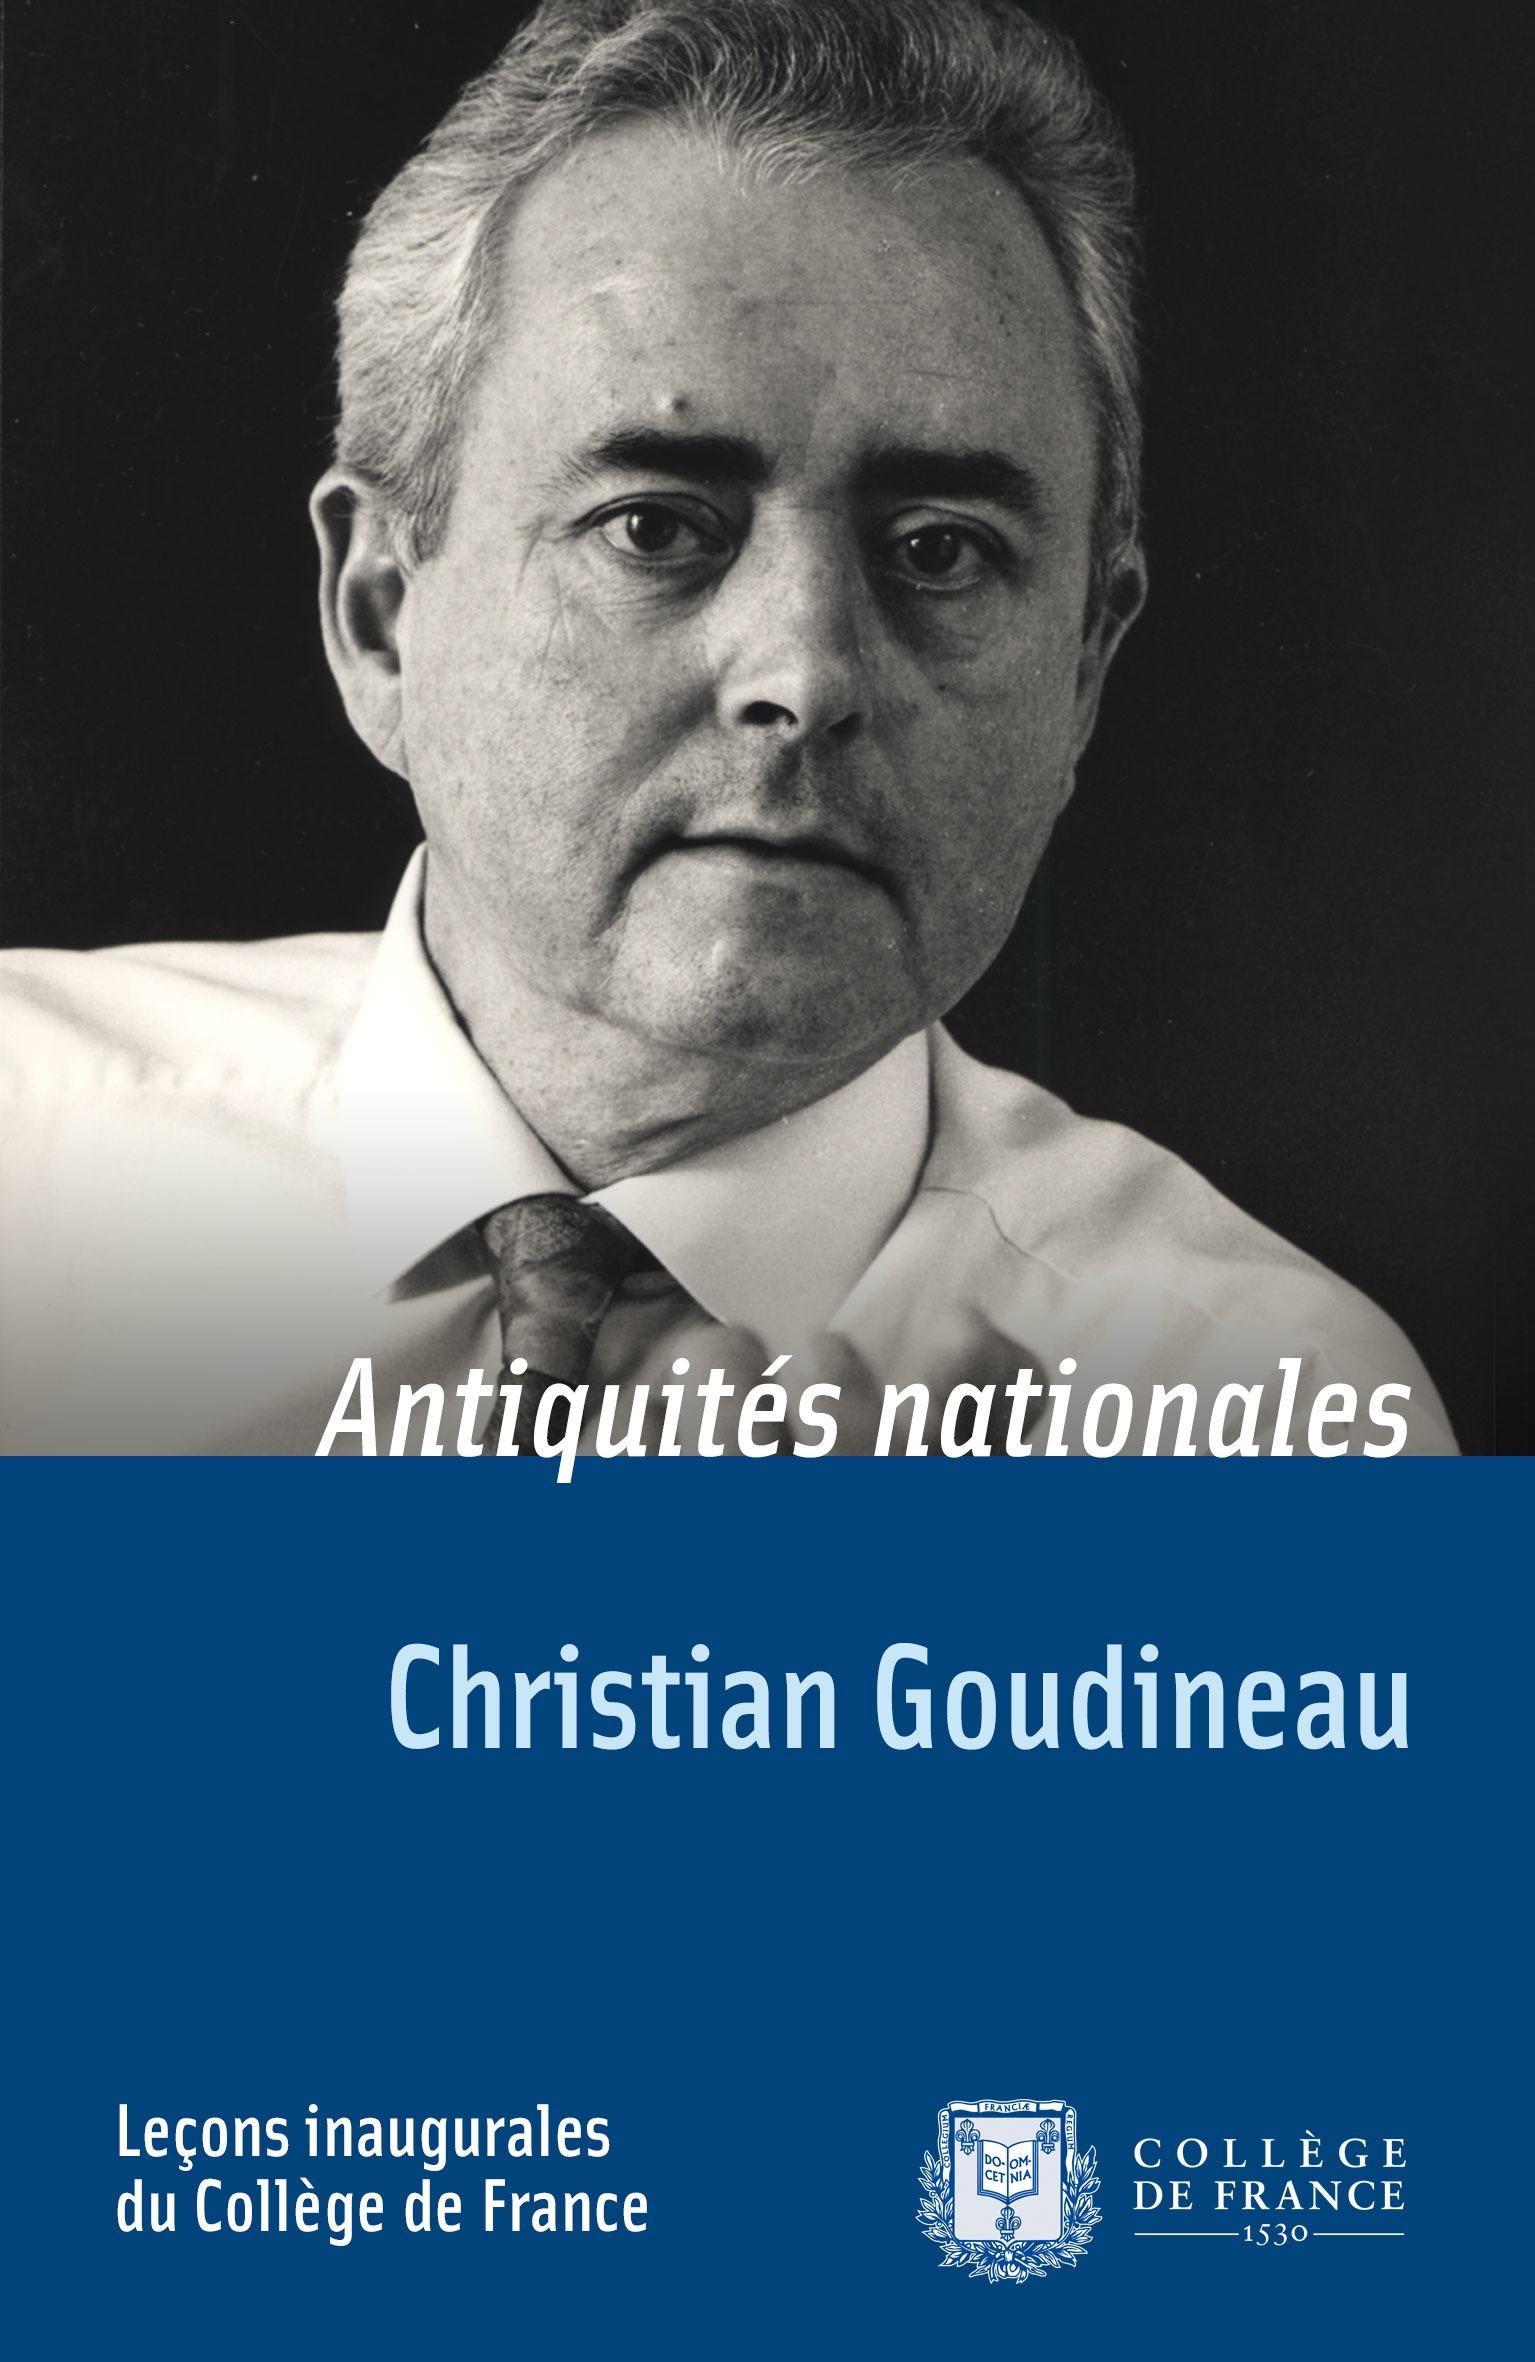 Antiquités nationales, LEÇON INAUGURALE PRONONCÉE LE VENDREDI 14 DÉCEMBRE 1984